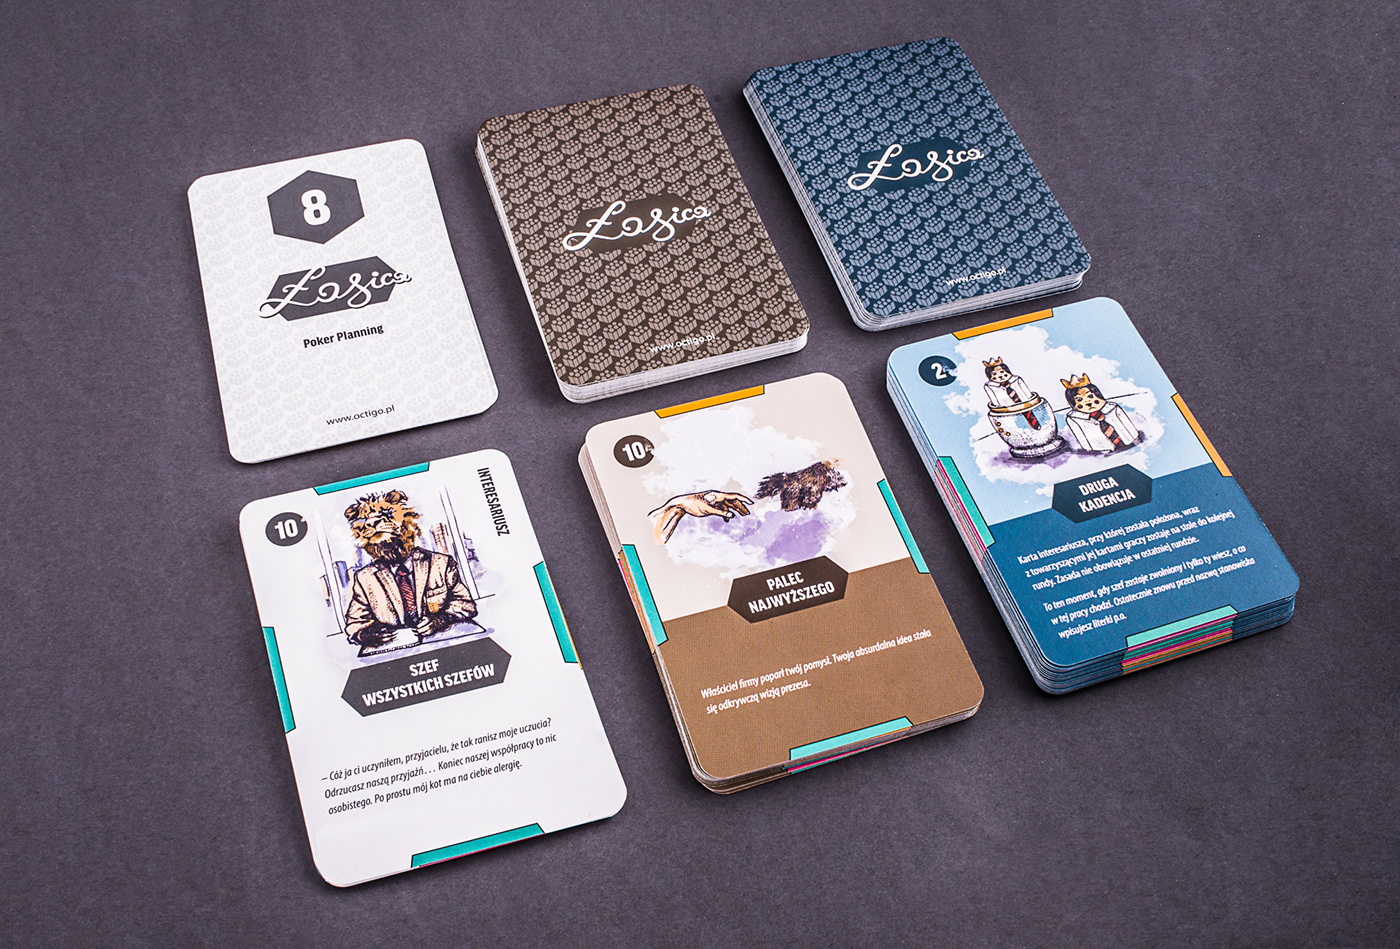 game design  design graphic design  interaction